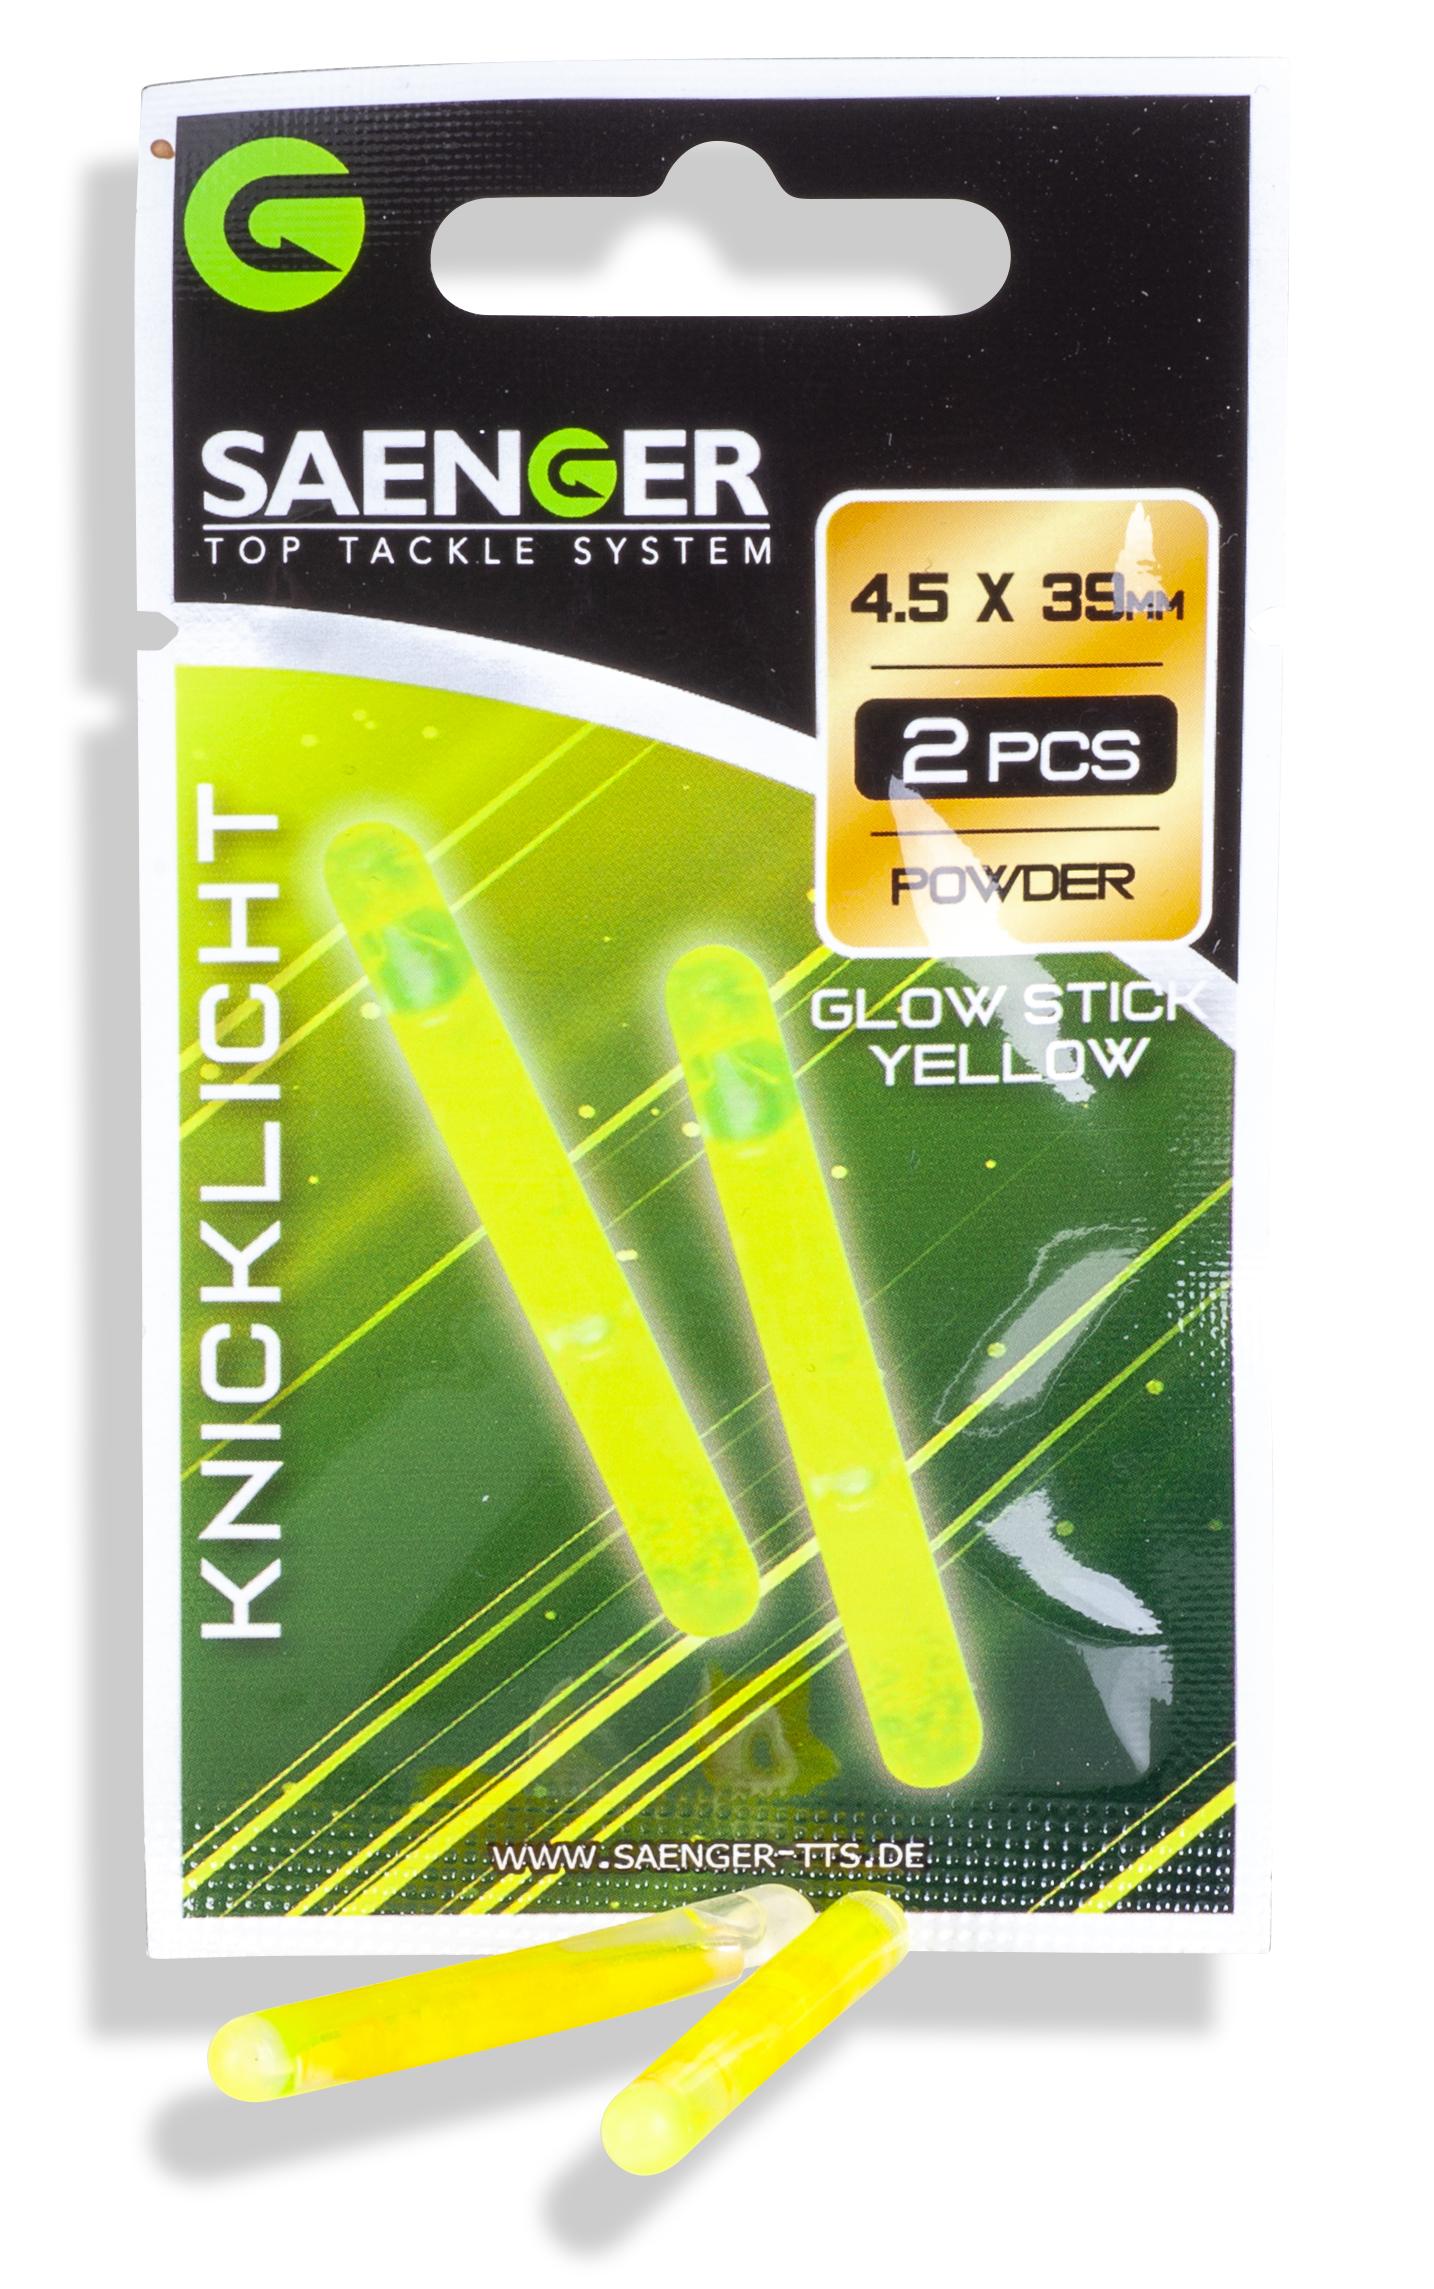 Saenger chemické světlo 4,5 x 39 mm, žlutá, bal. 2 ks